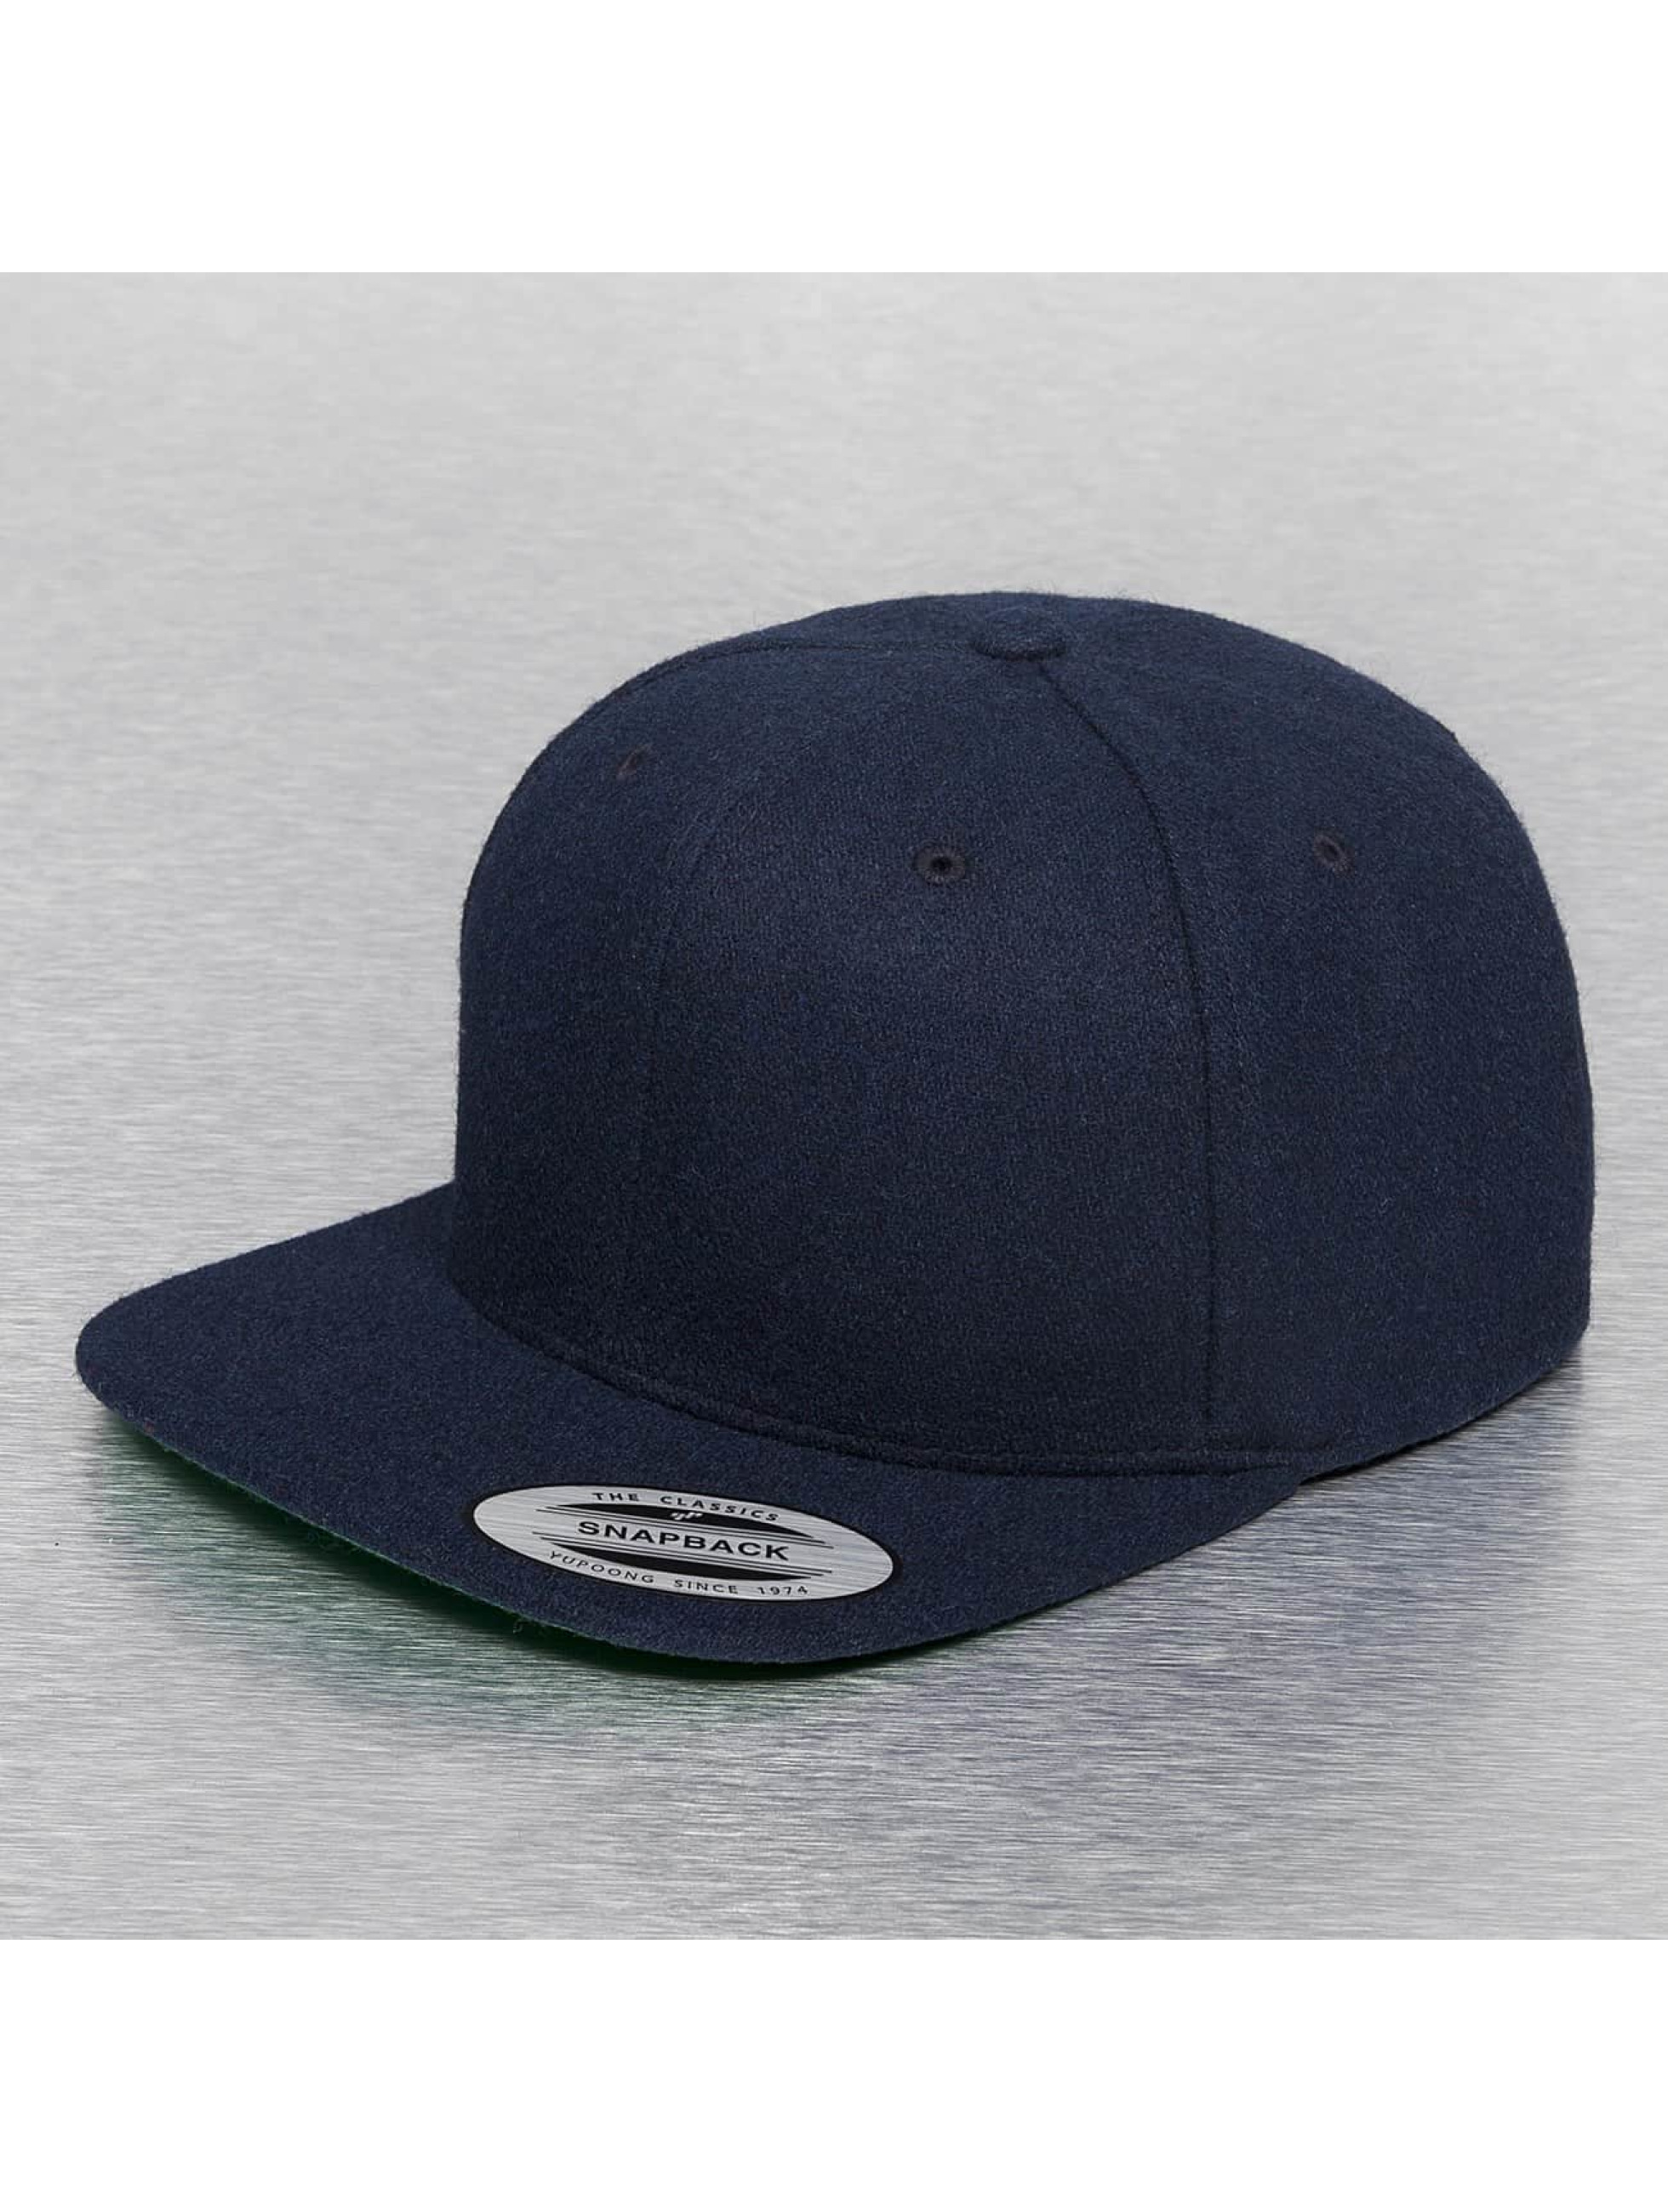 Flexfit Männer,Frauen Snapback Cap Melton Wool in blau